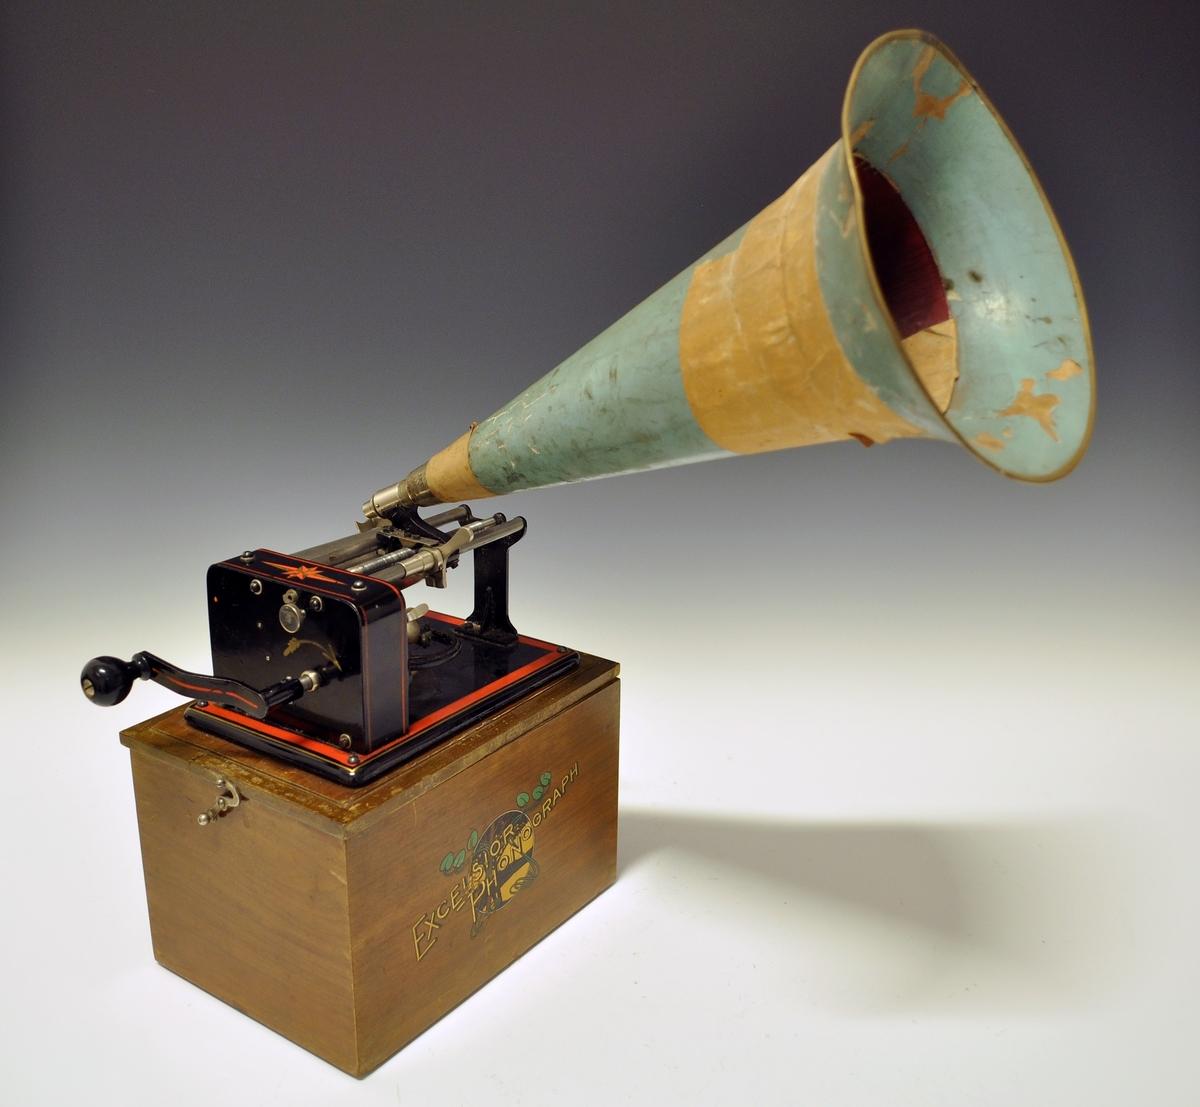 Samlingen voksruller inneholder totalt 233 ruller med lyd. Voksrullene inneholder tilsammen nærmere 467 seperate lydopptak med folkemusikk. Fonografen på bildet er fonografen Rikard Berge benyttet på sine samlerferder. Rull nr 208: a. Det frearlause menn. b. Rideboll og G c. Harpens kraft d. Valivan e. Kjor gjætt eg. Svein Tveiten 1922